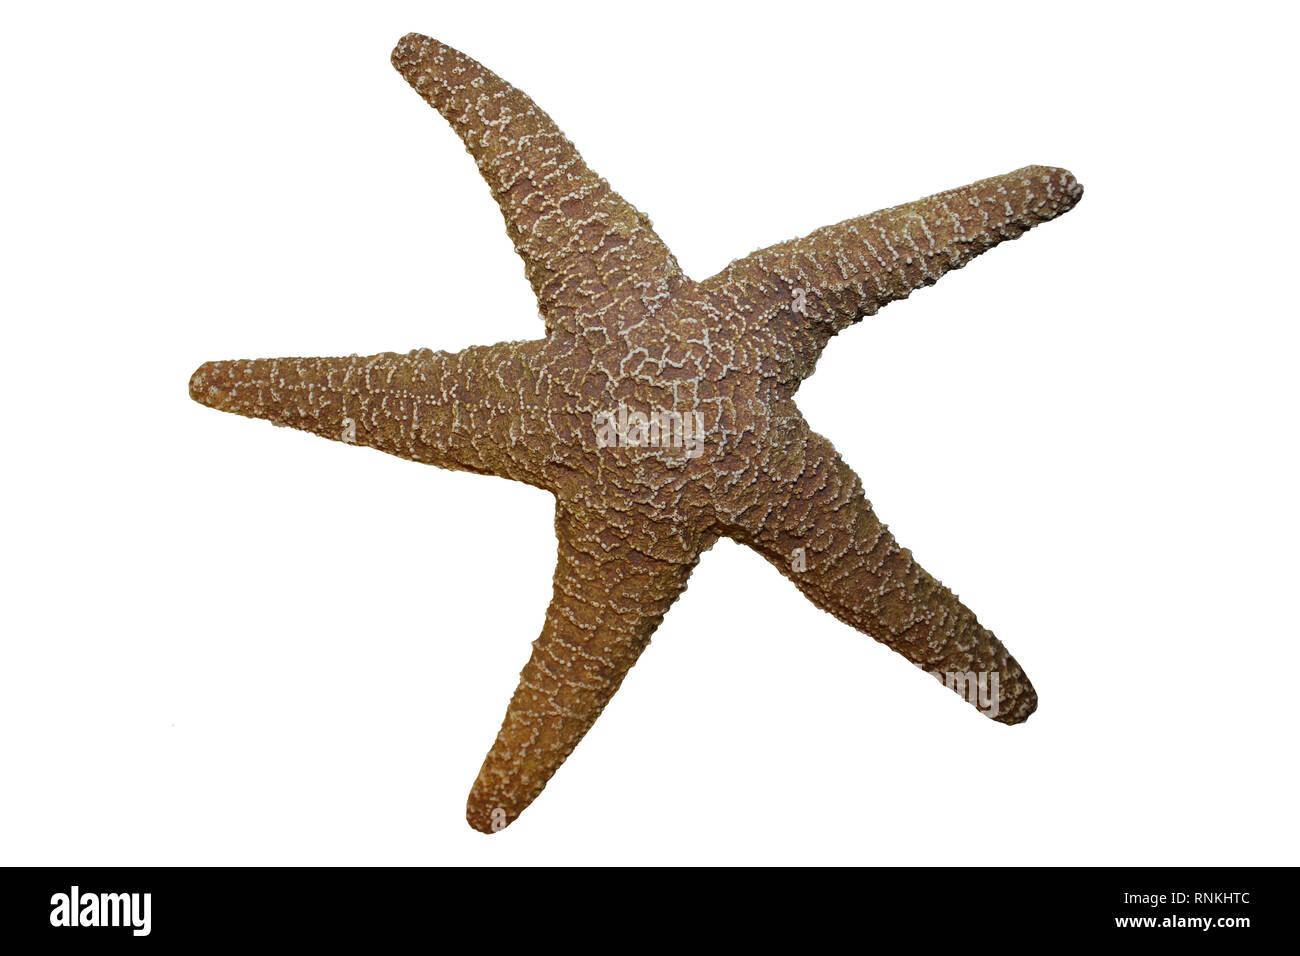 Starfish Isolated on White Background - Stock Image